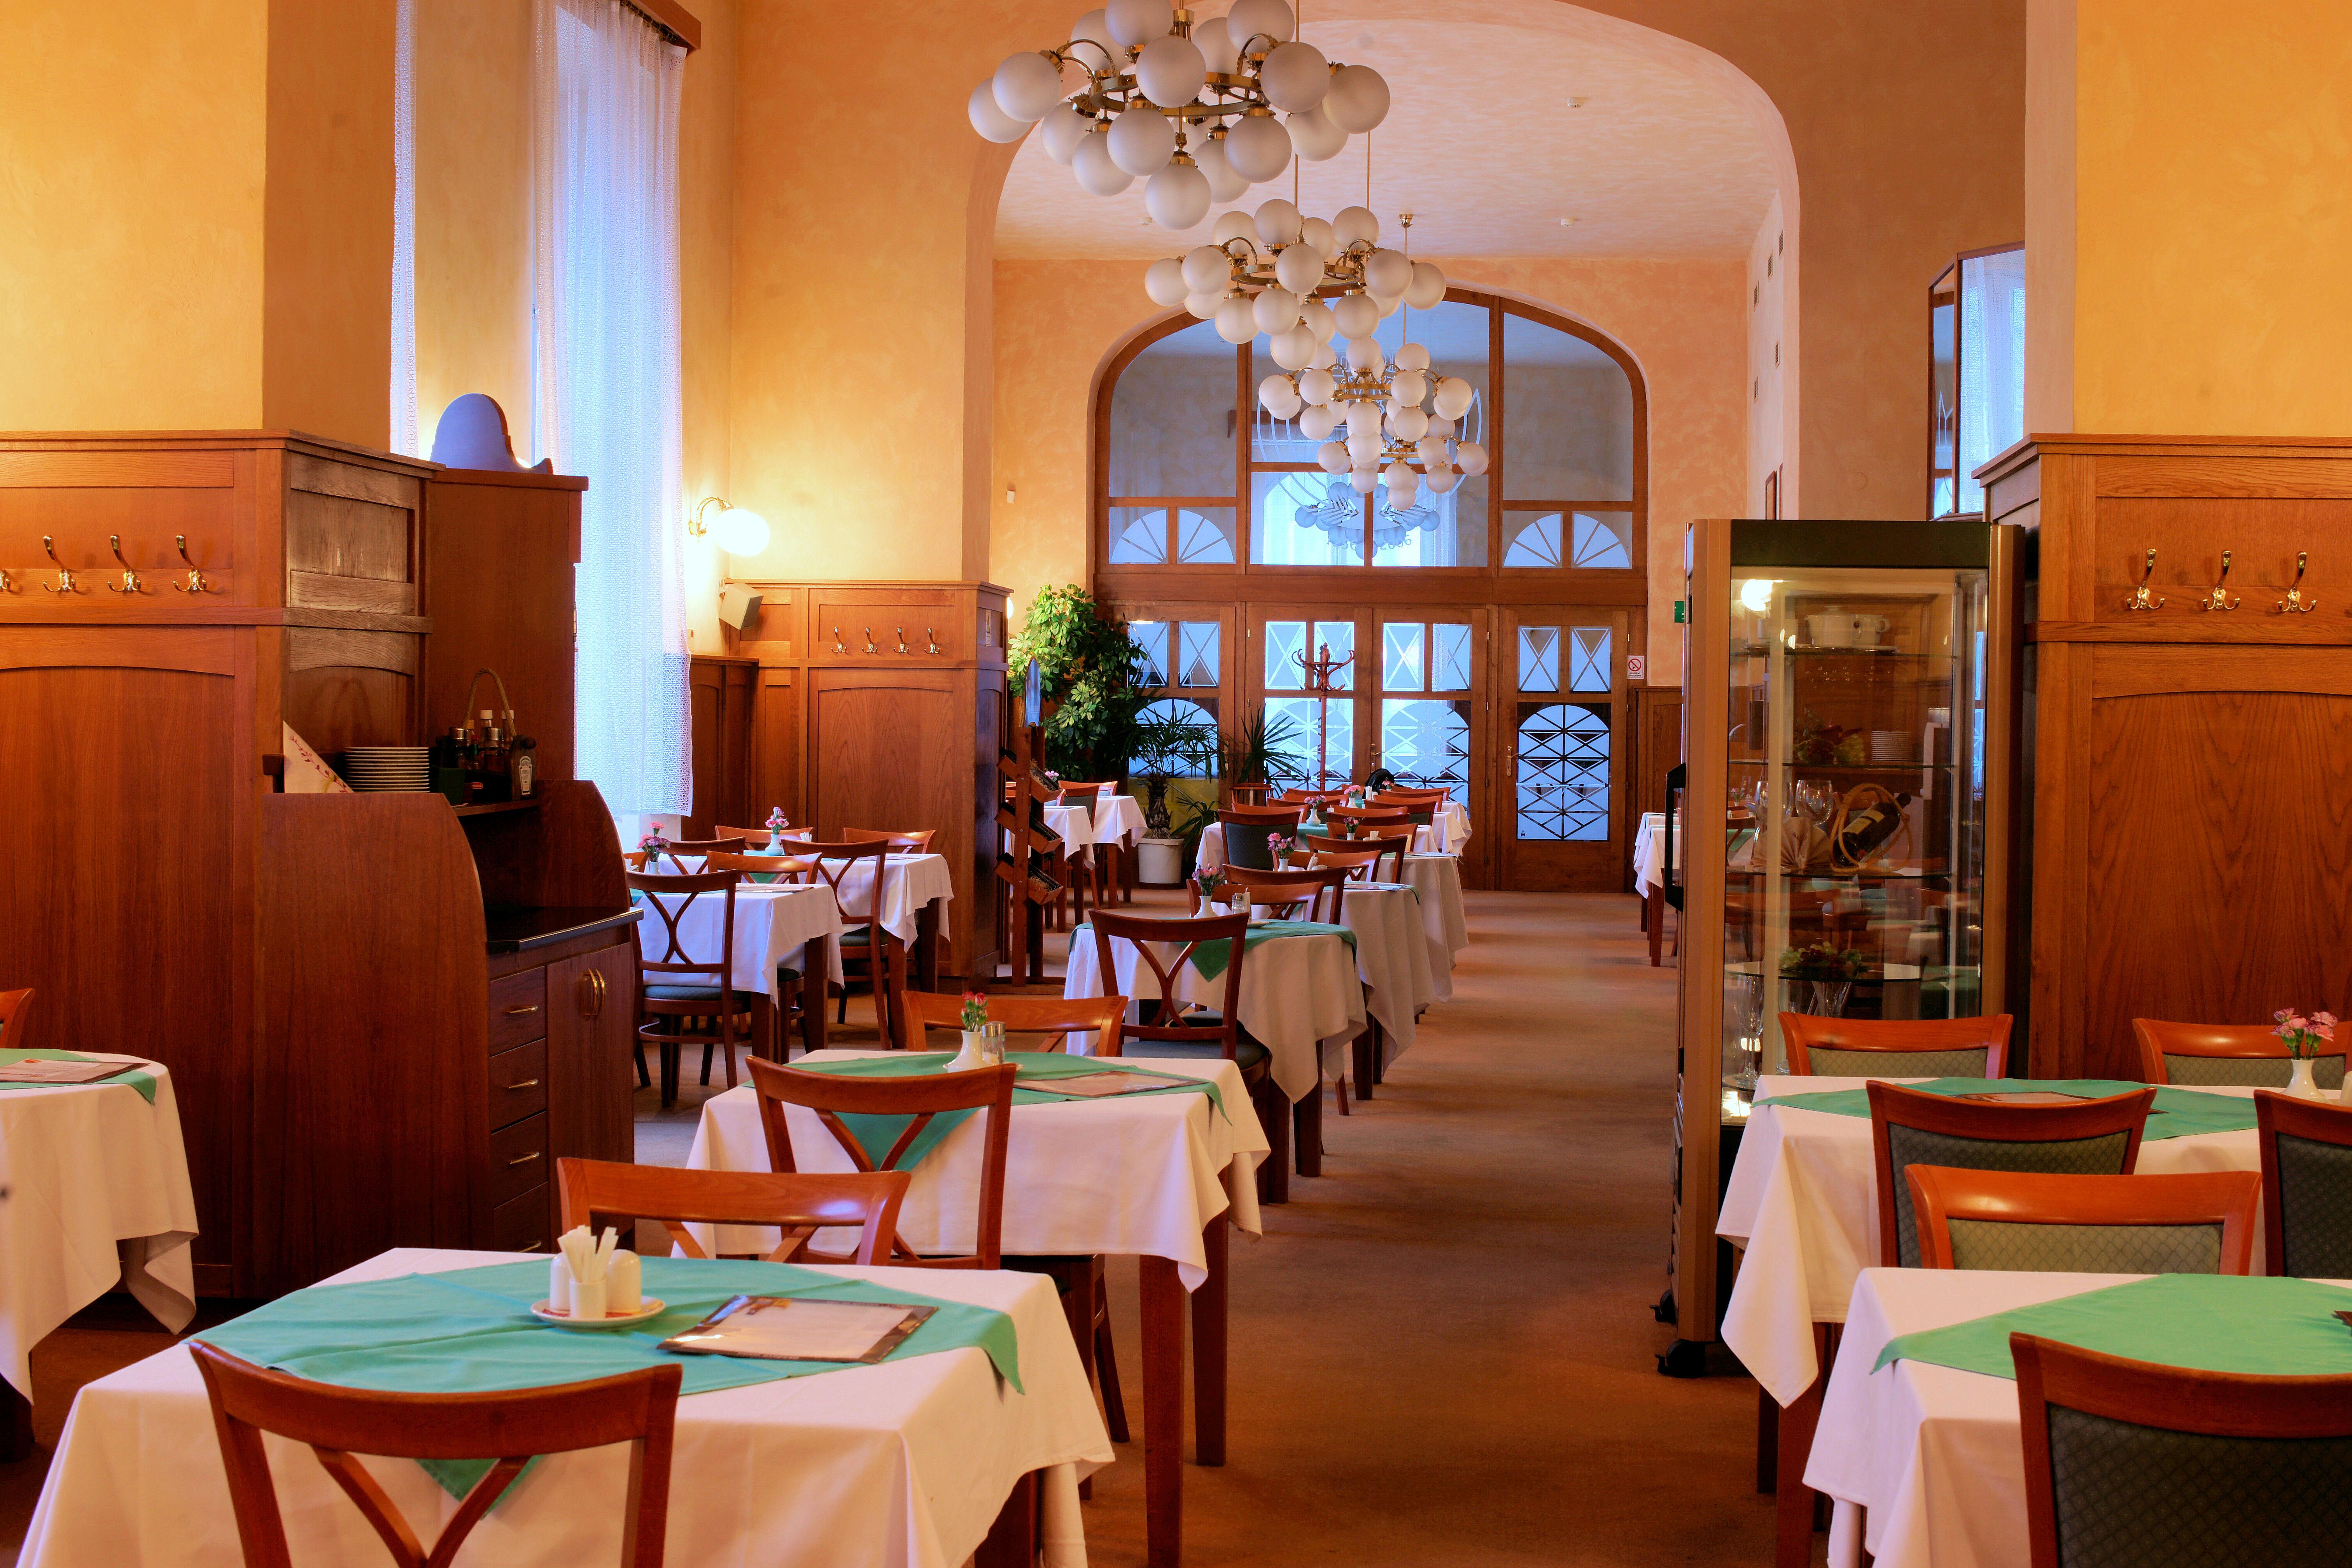 Restaurace, obrázek se otevře v novém okně